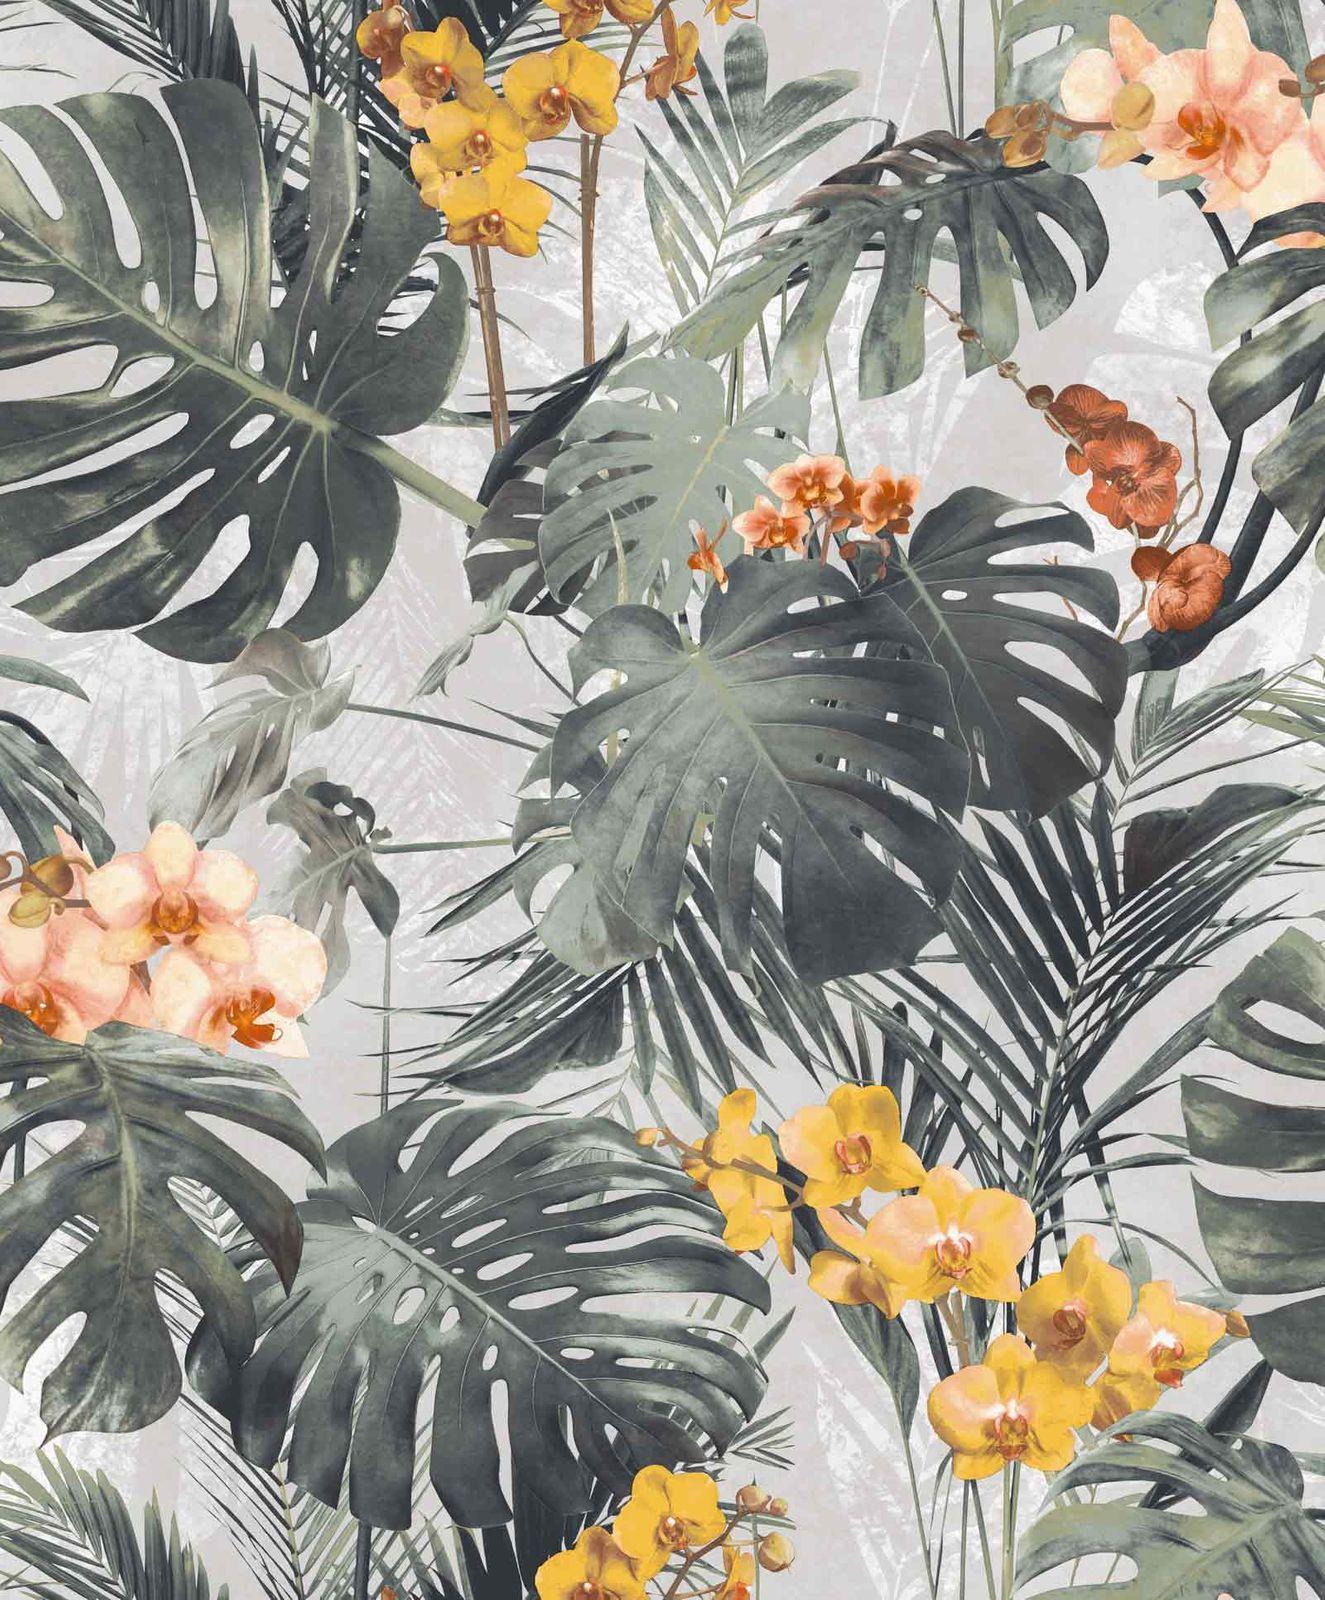 Vinyltapete Blätter Blumen Floral Grau Grün Myriad MY2101